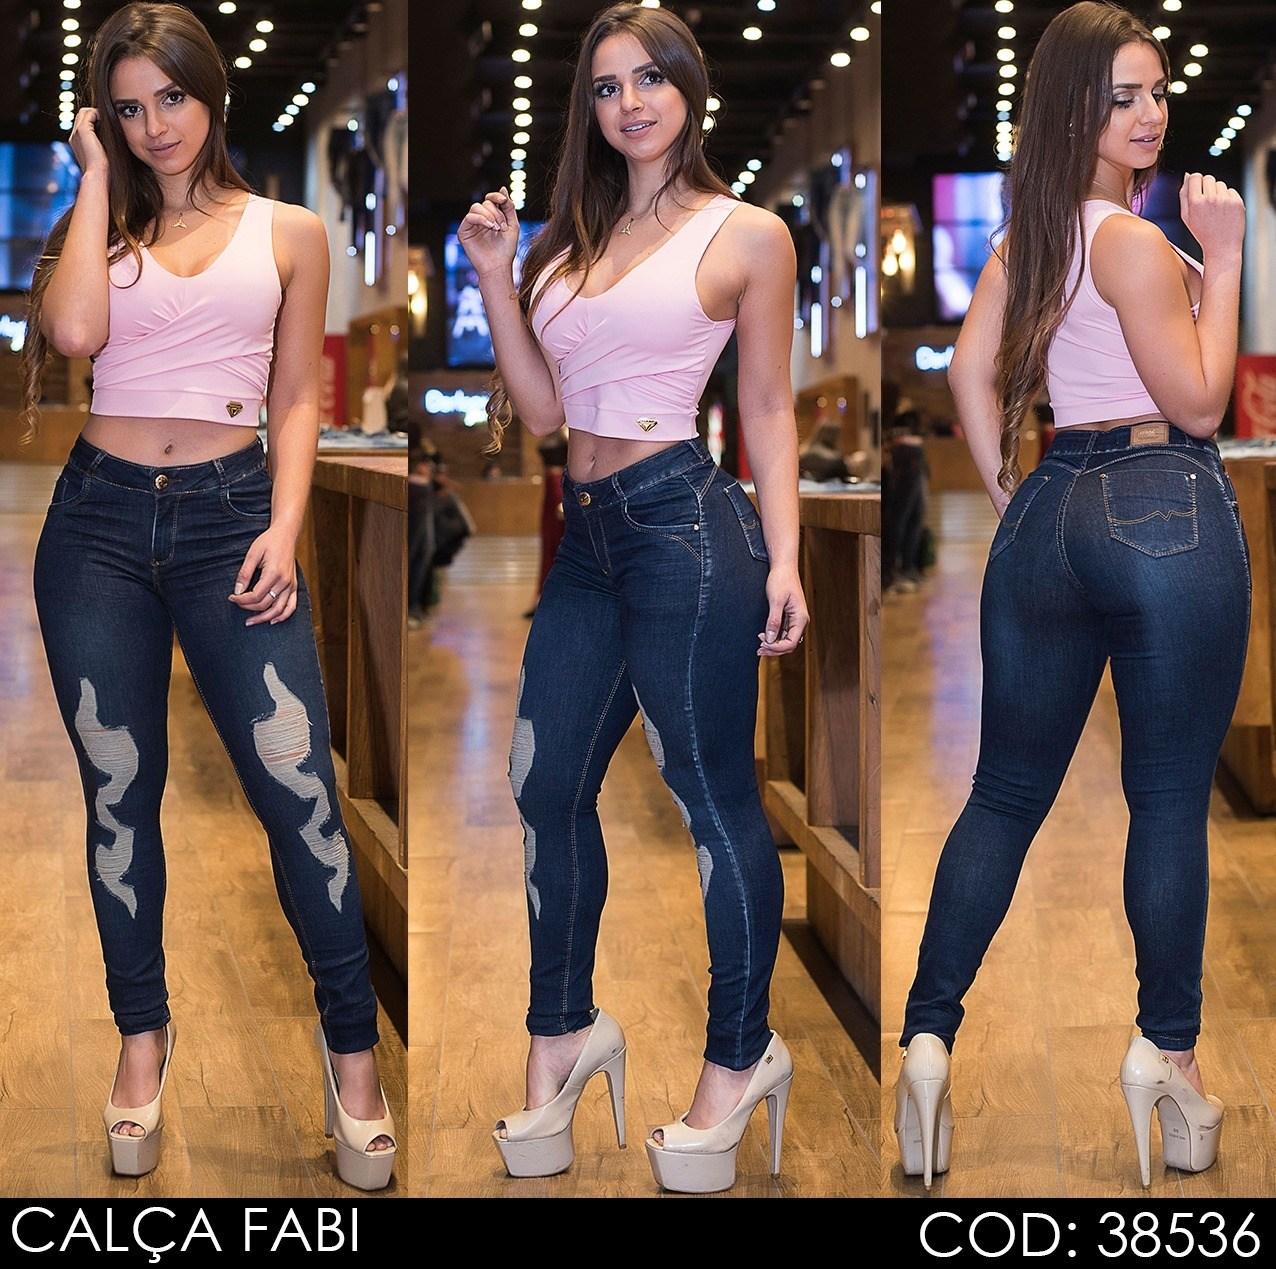 Calça Jeans Darlook Fabi [38536]